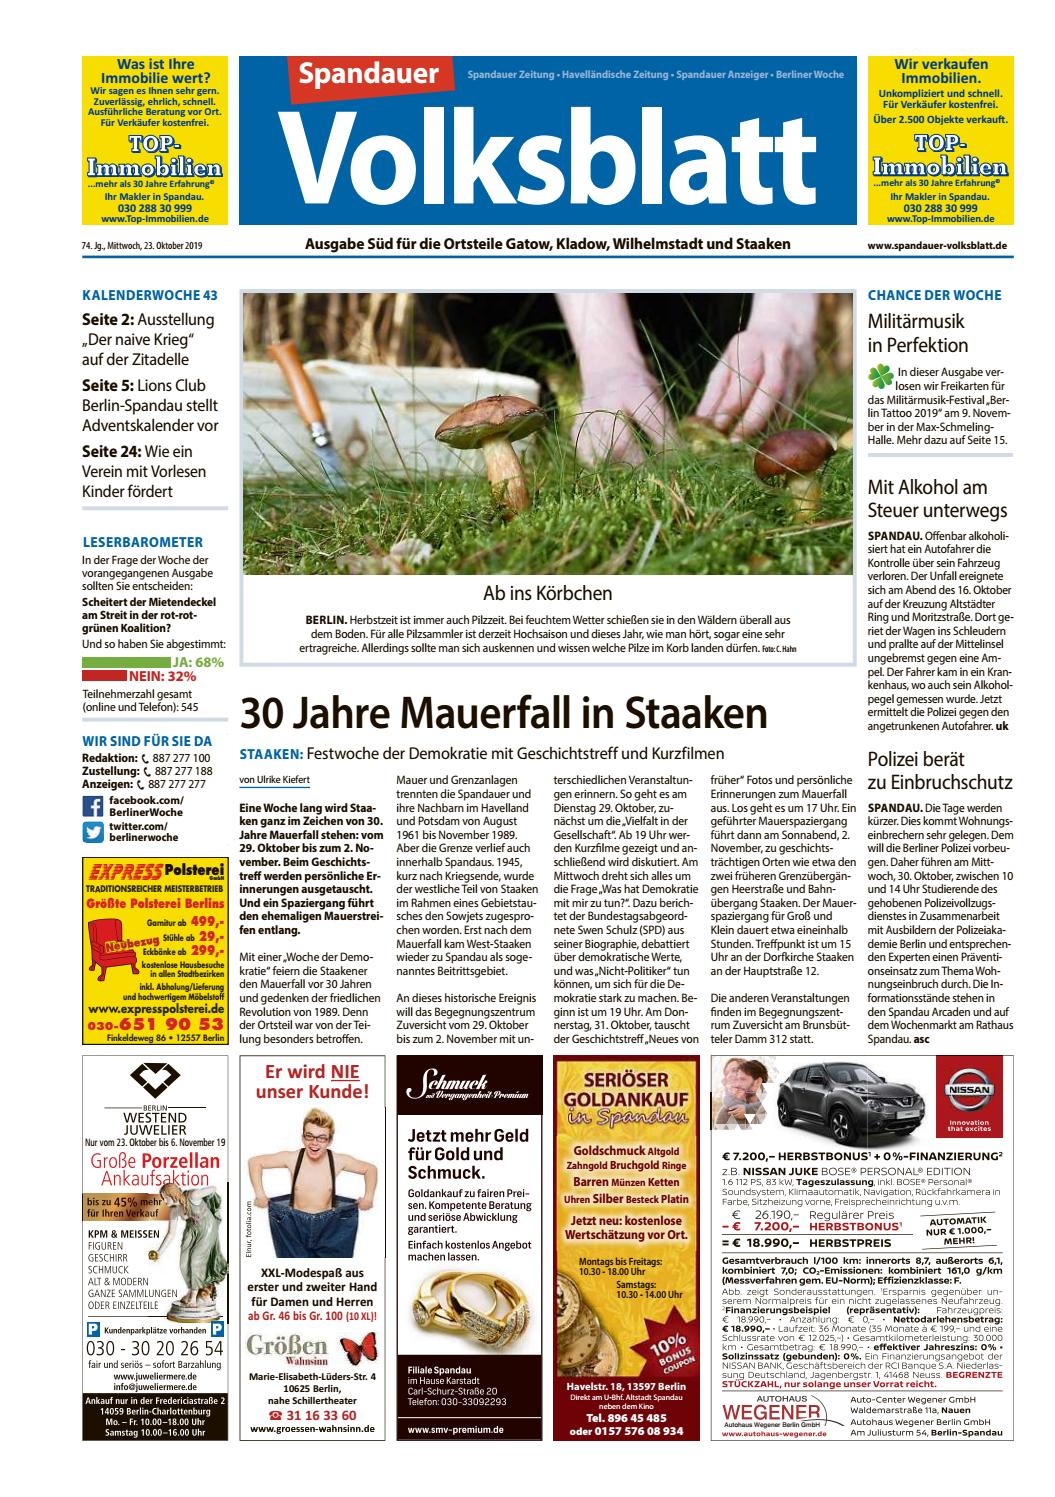 L27 Spandauer Volksblatt Fur Gatow Kladow Wilhelmstadt Staaken